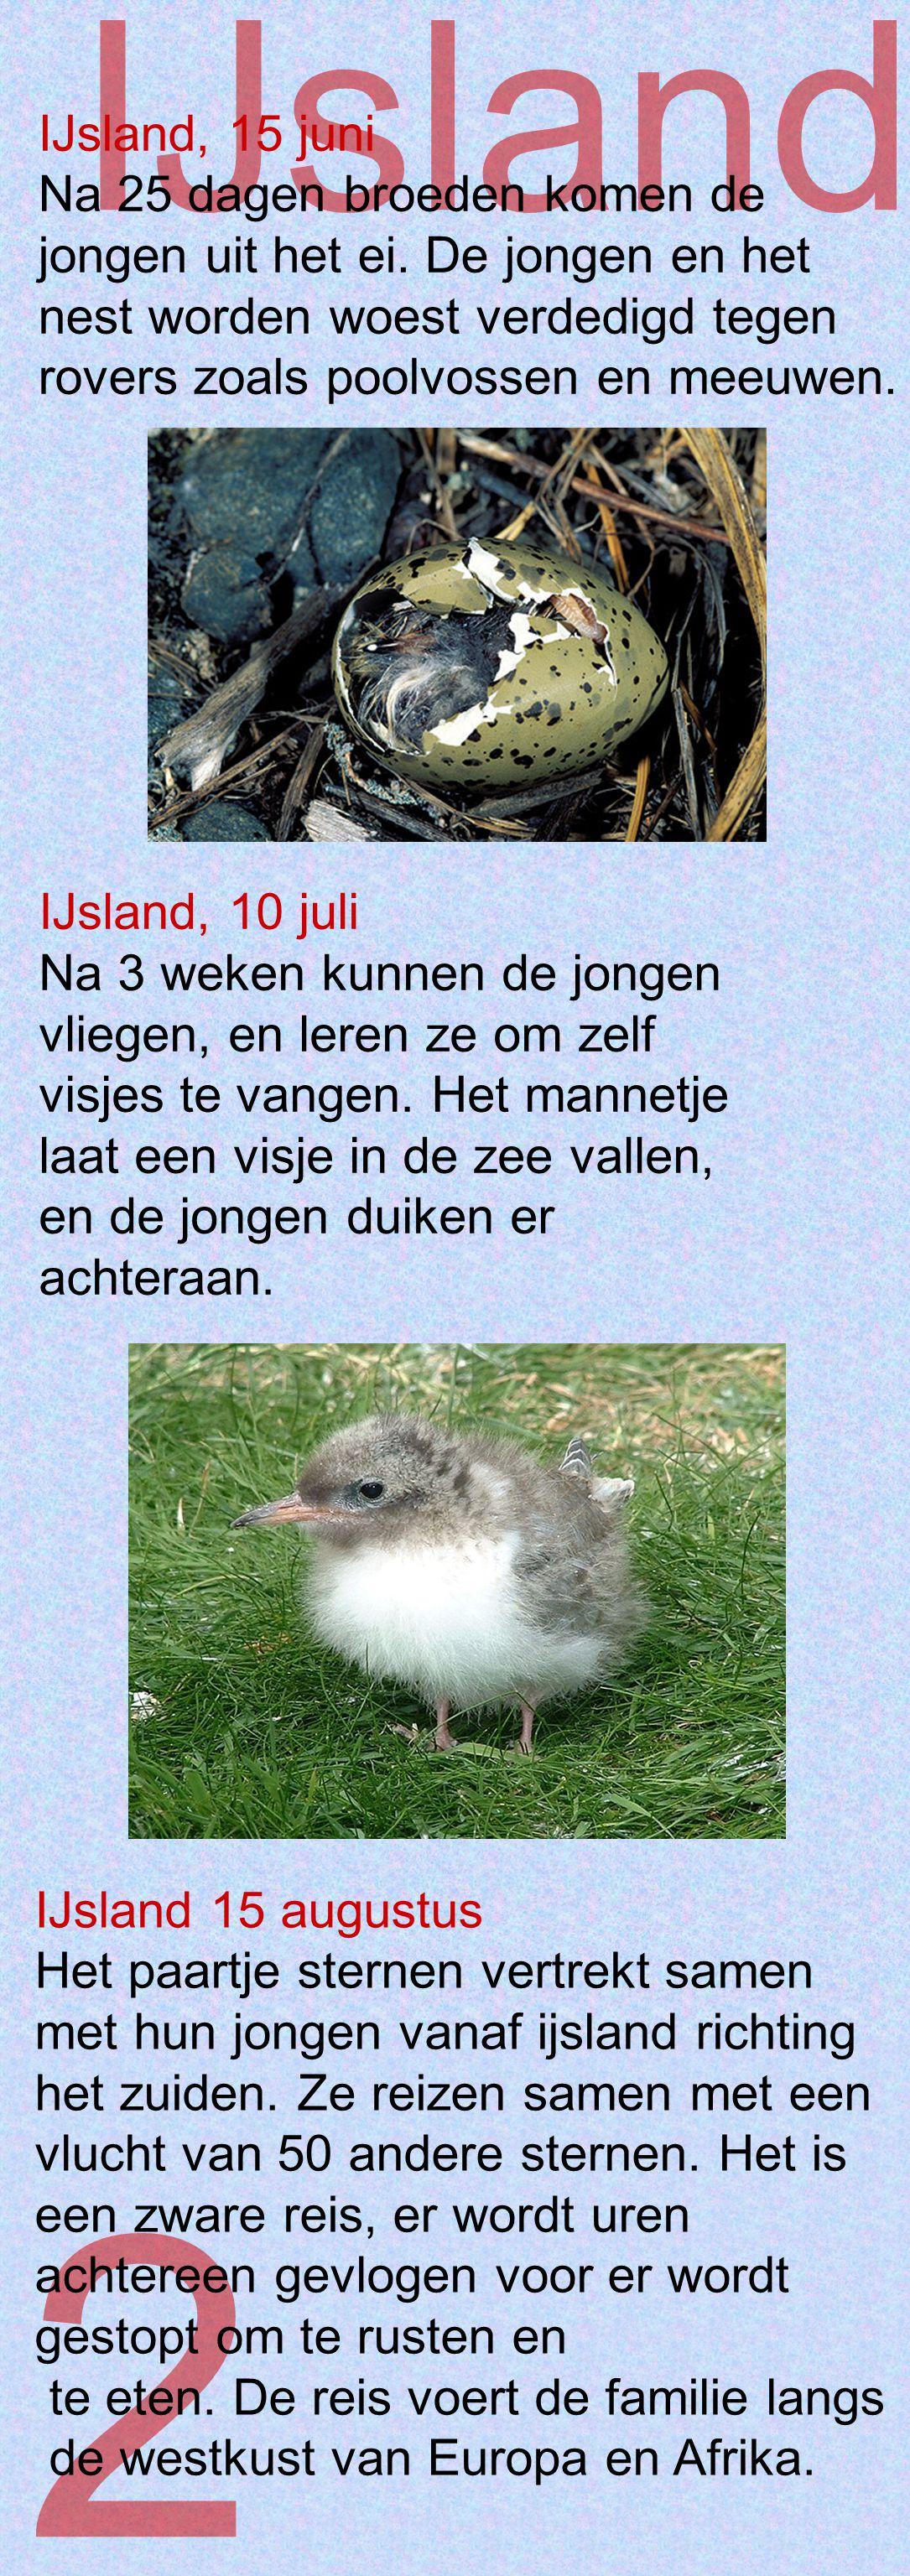 2 IJsland IJsland, 15 juni Na 25 dagen broeden komen de jongen uit het ei. De jongen en het nest worden woest verdedigd tegen rovers zoals poolvossen